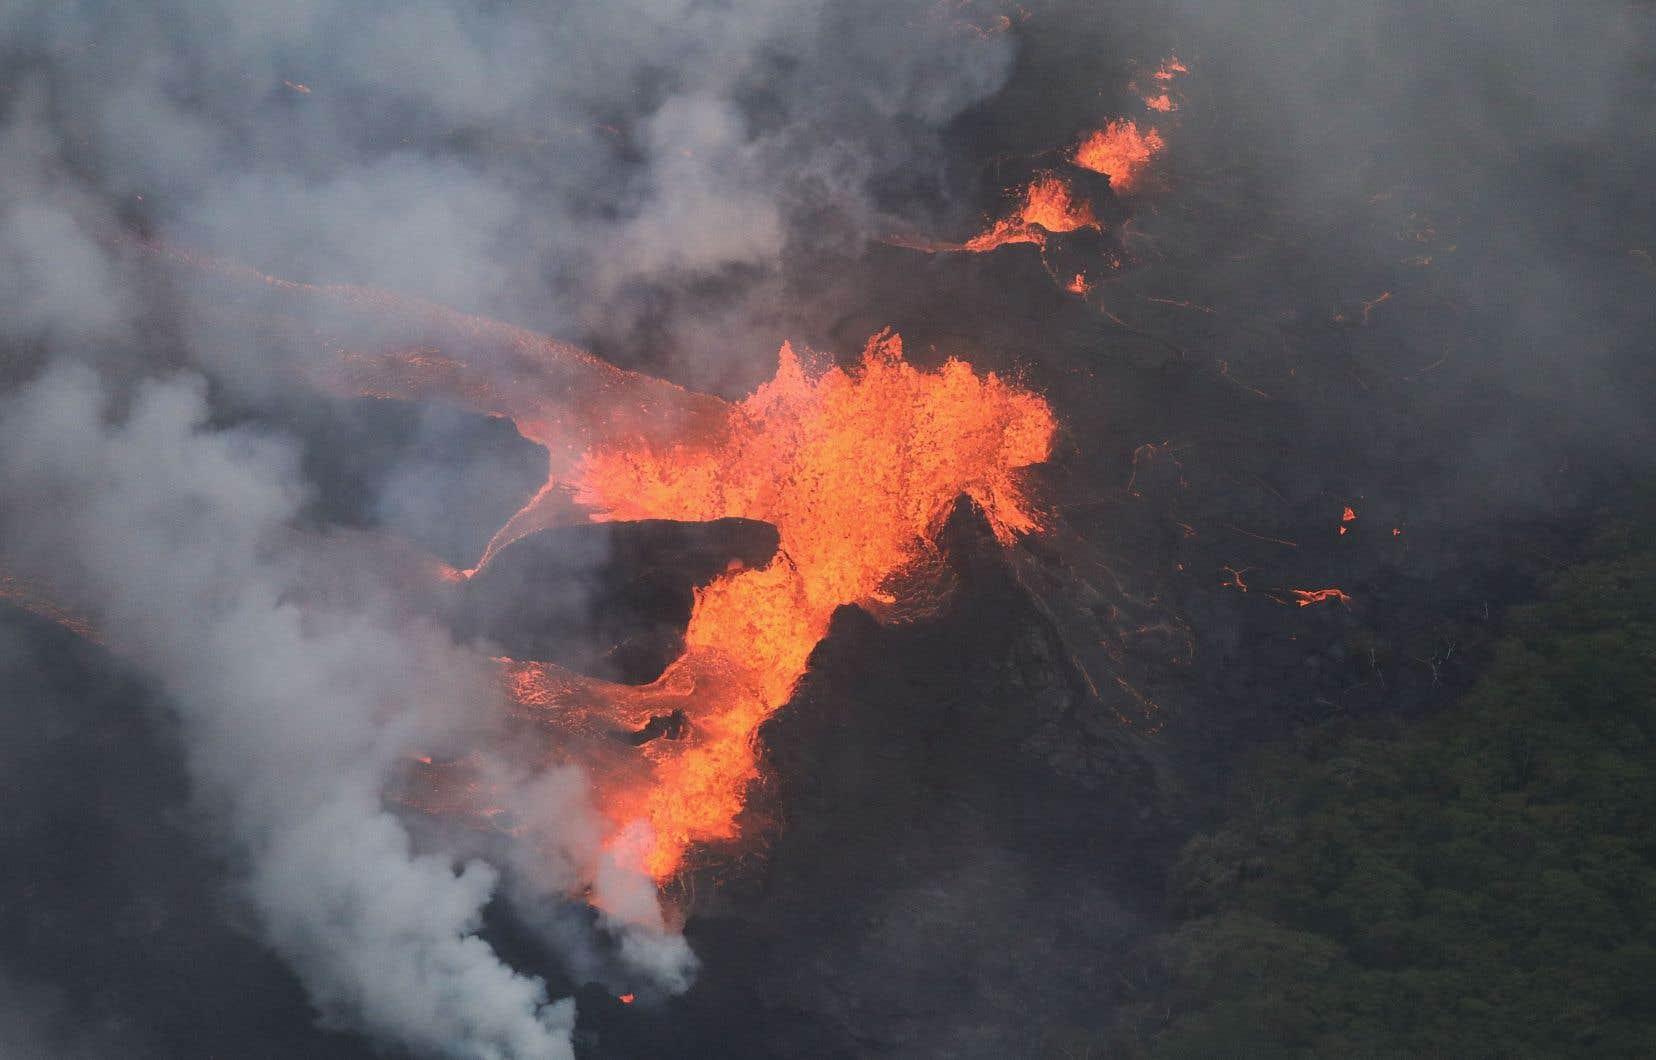 Deux coulées de lave «ont atteint l'océan sur la côte sud-est de Puna» sur la Grande île d'Hawaï, selon un communiqué.